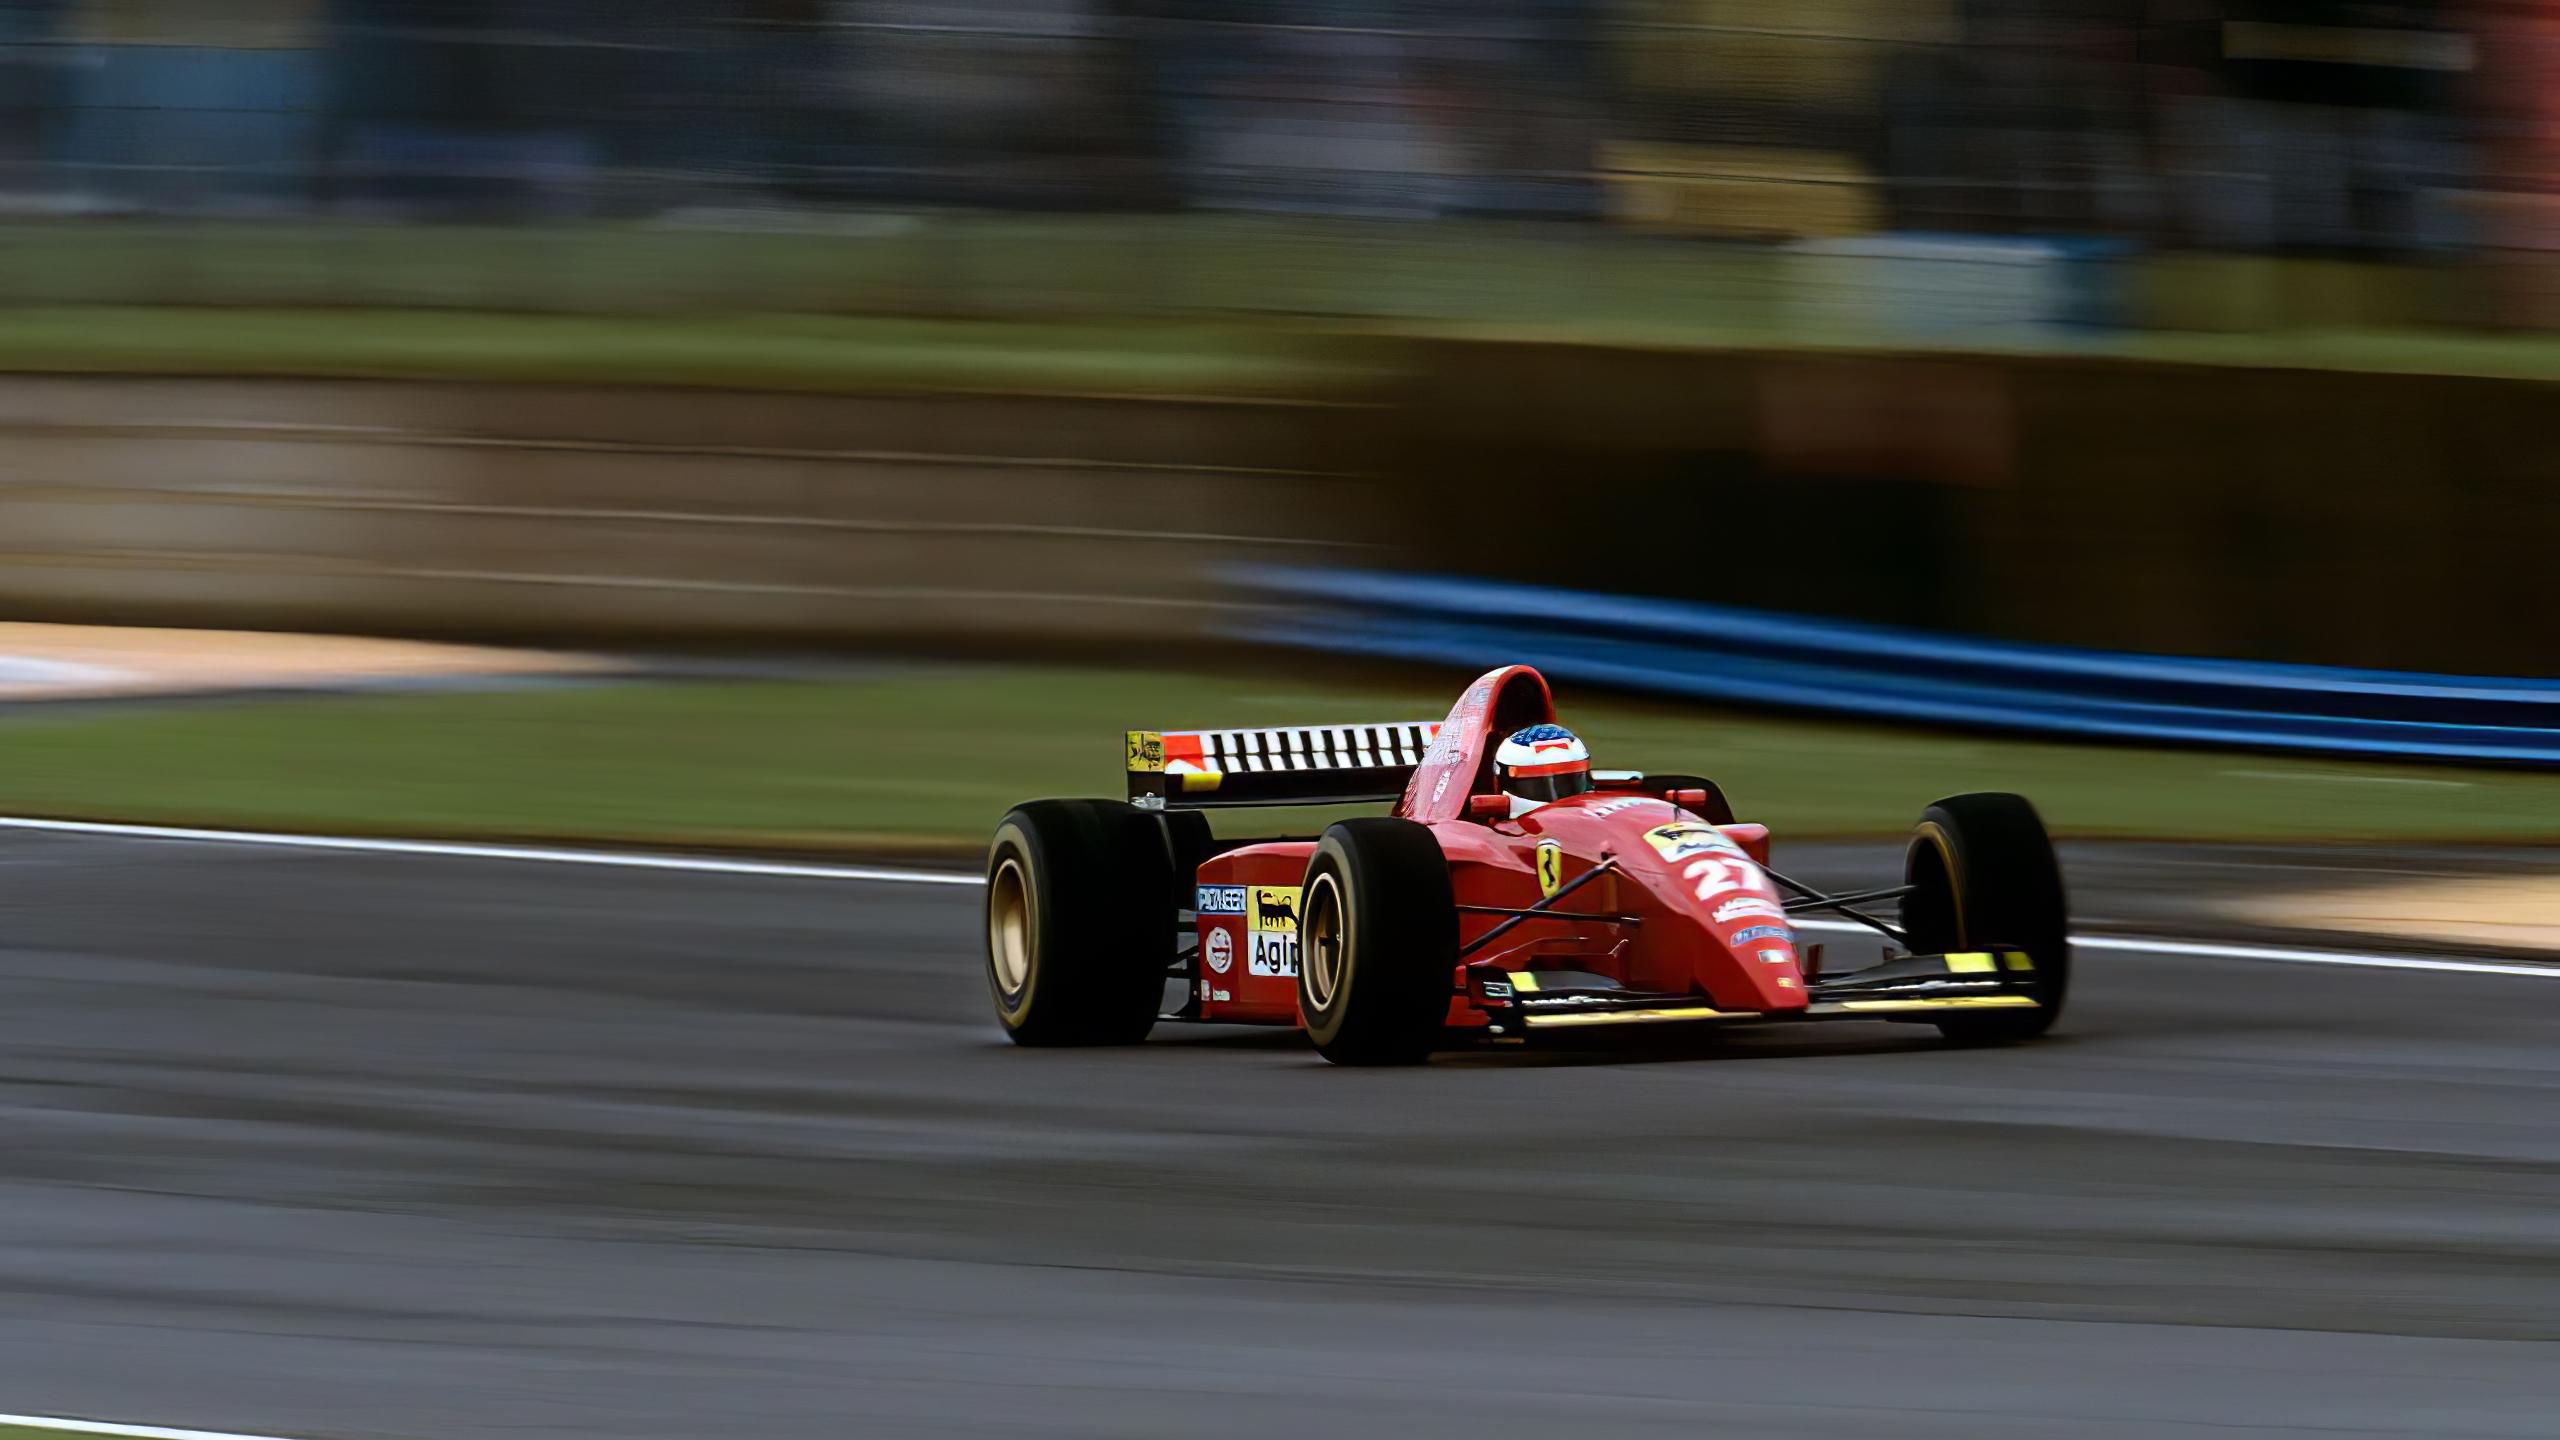 Wallpaper Ferrari Formula 1 Race Cars Racing 2560x1440